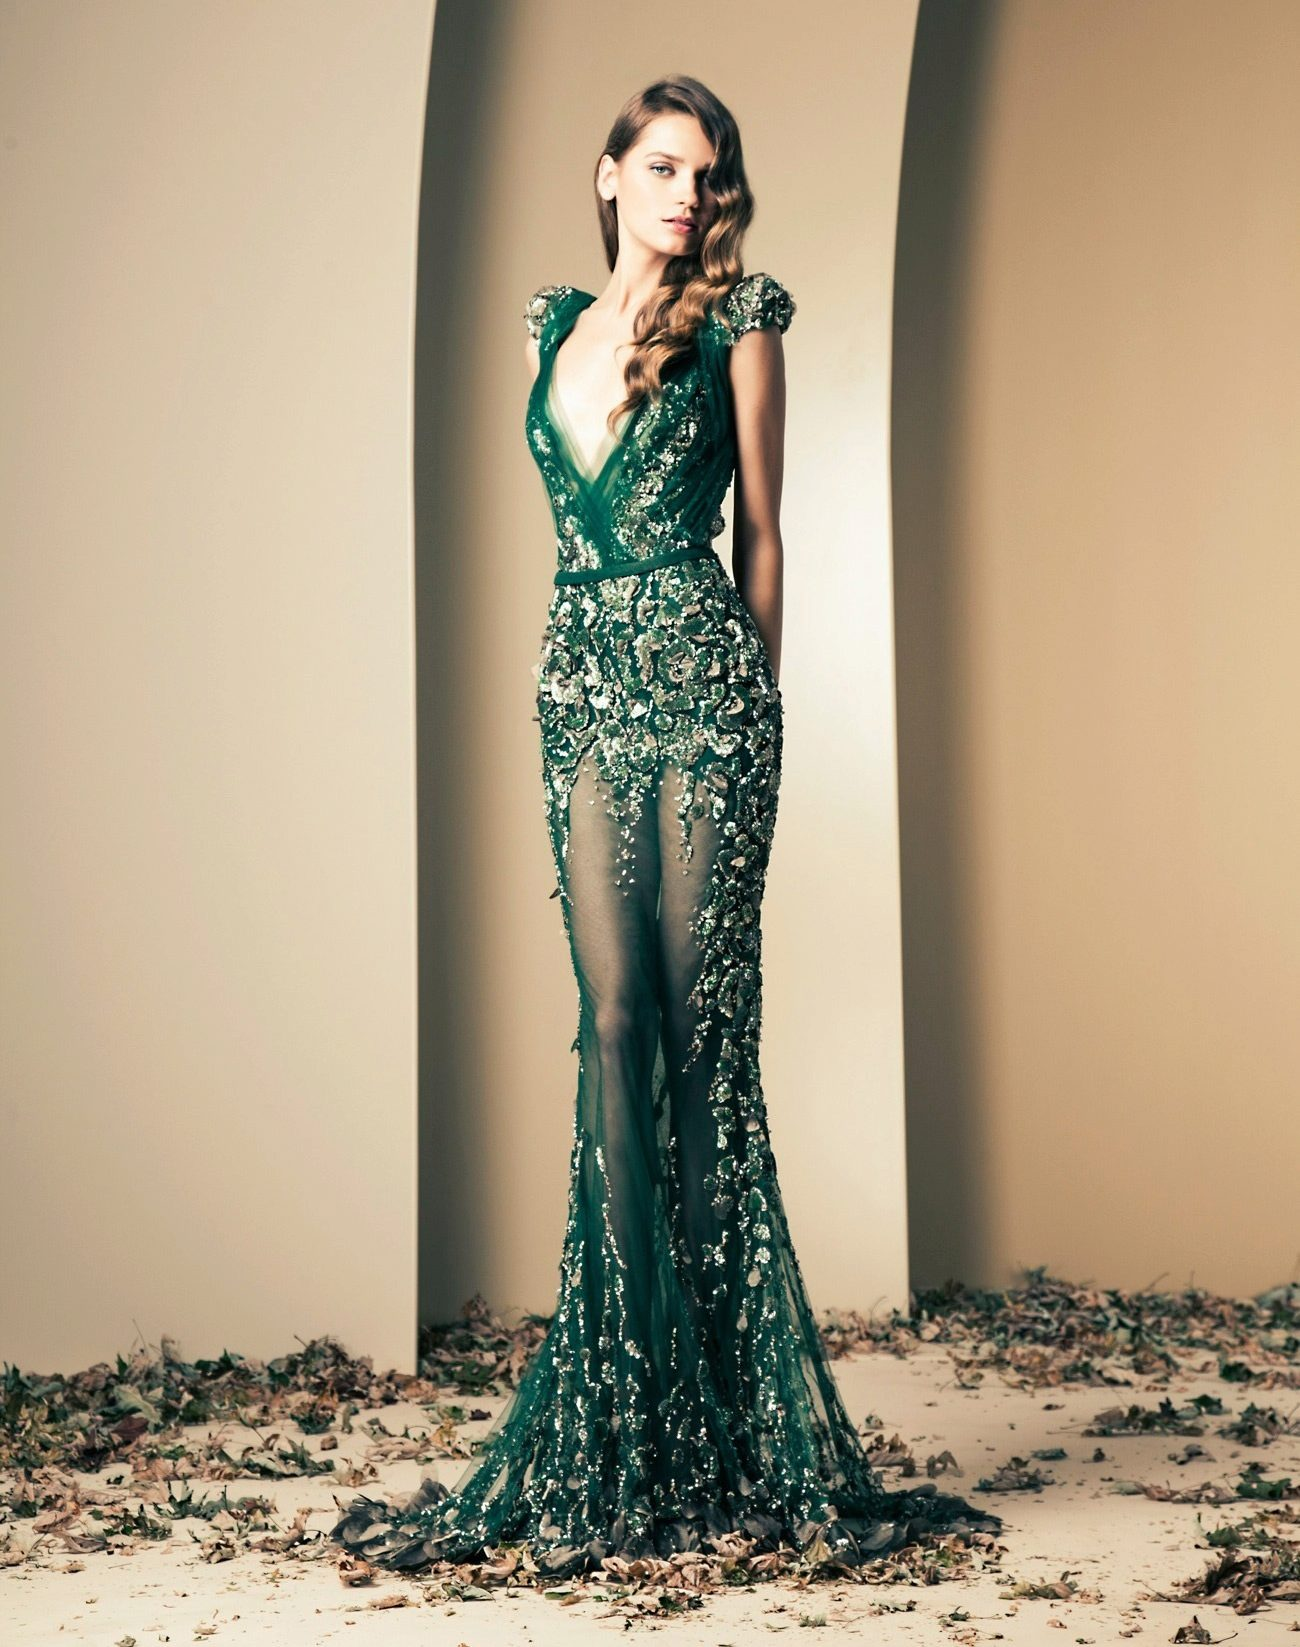 Зеленое платье со стразами